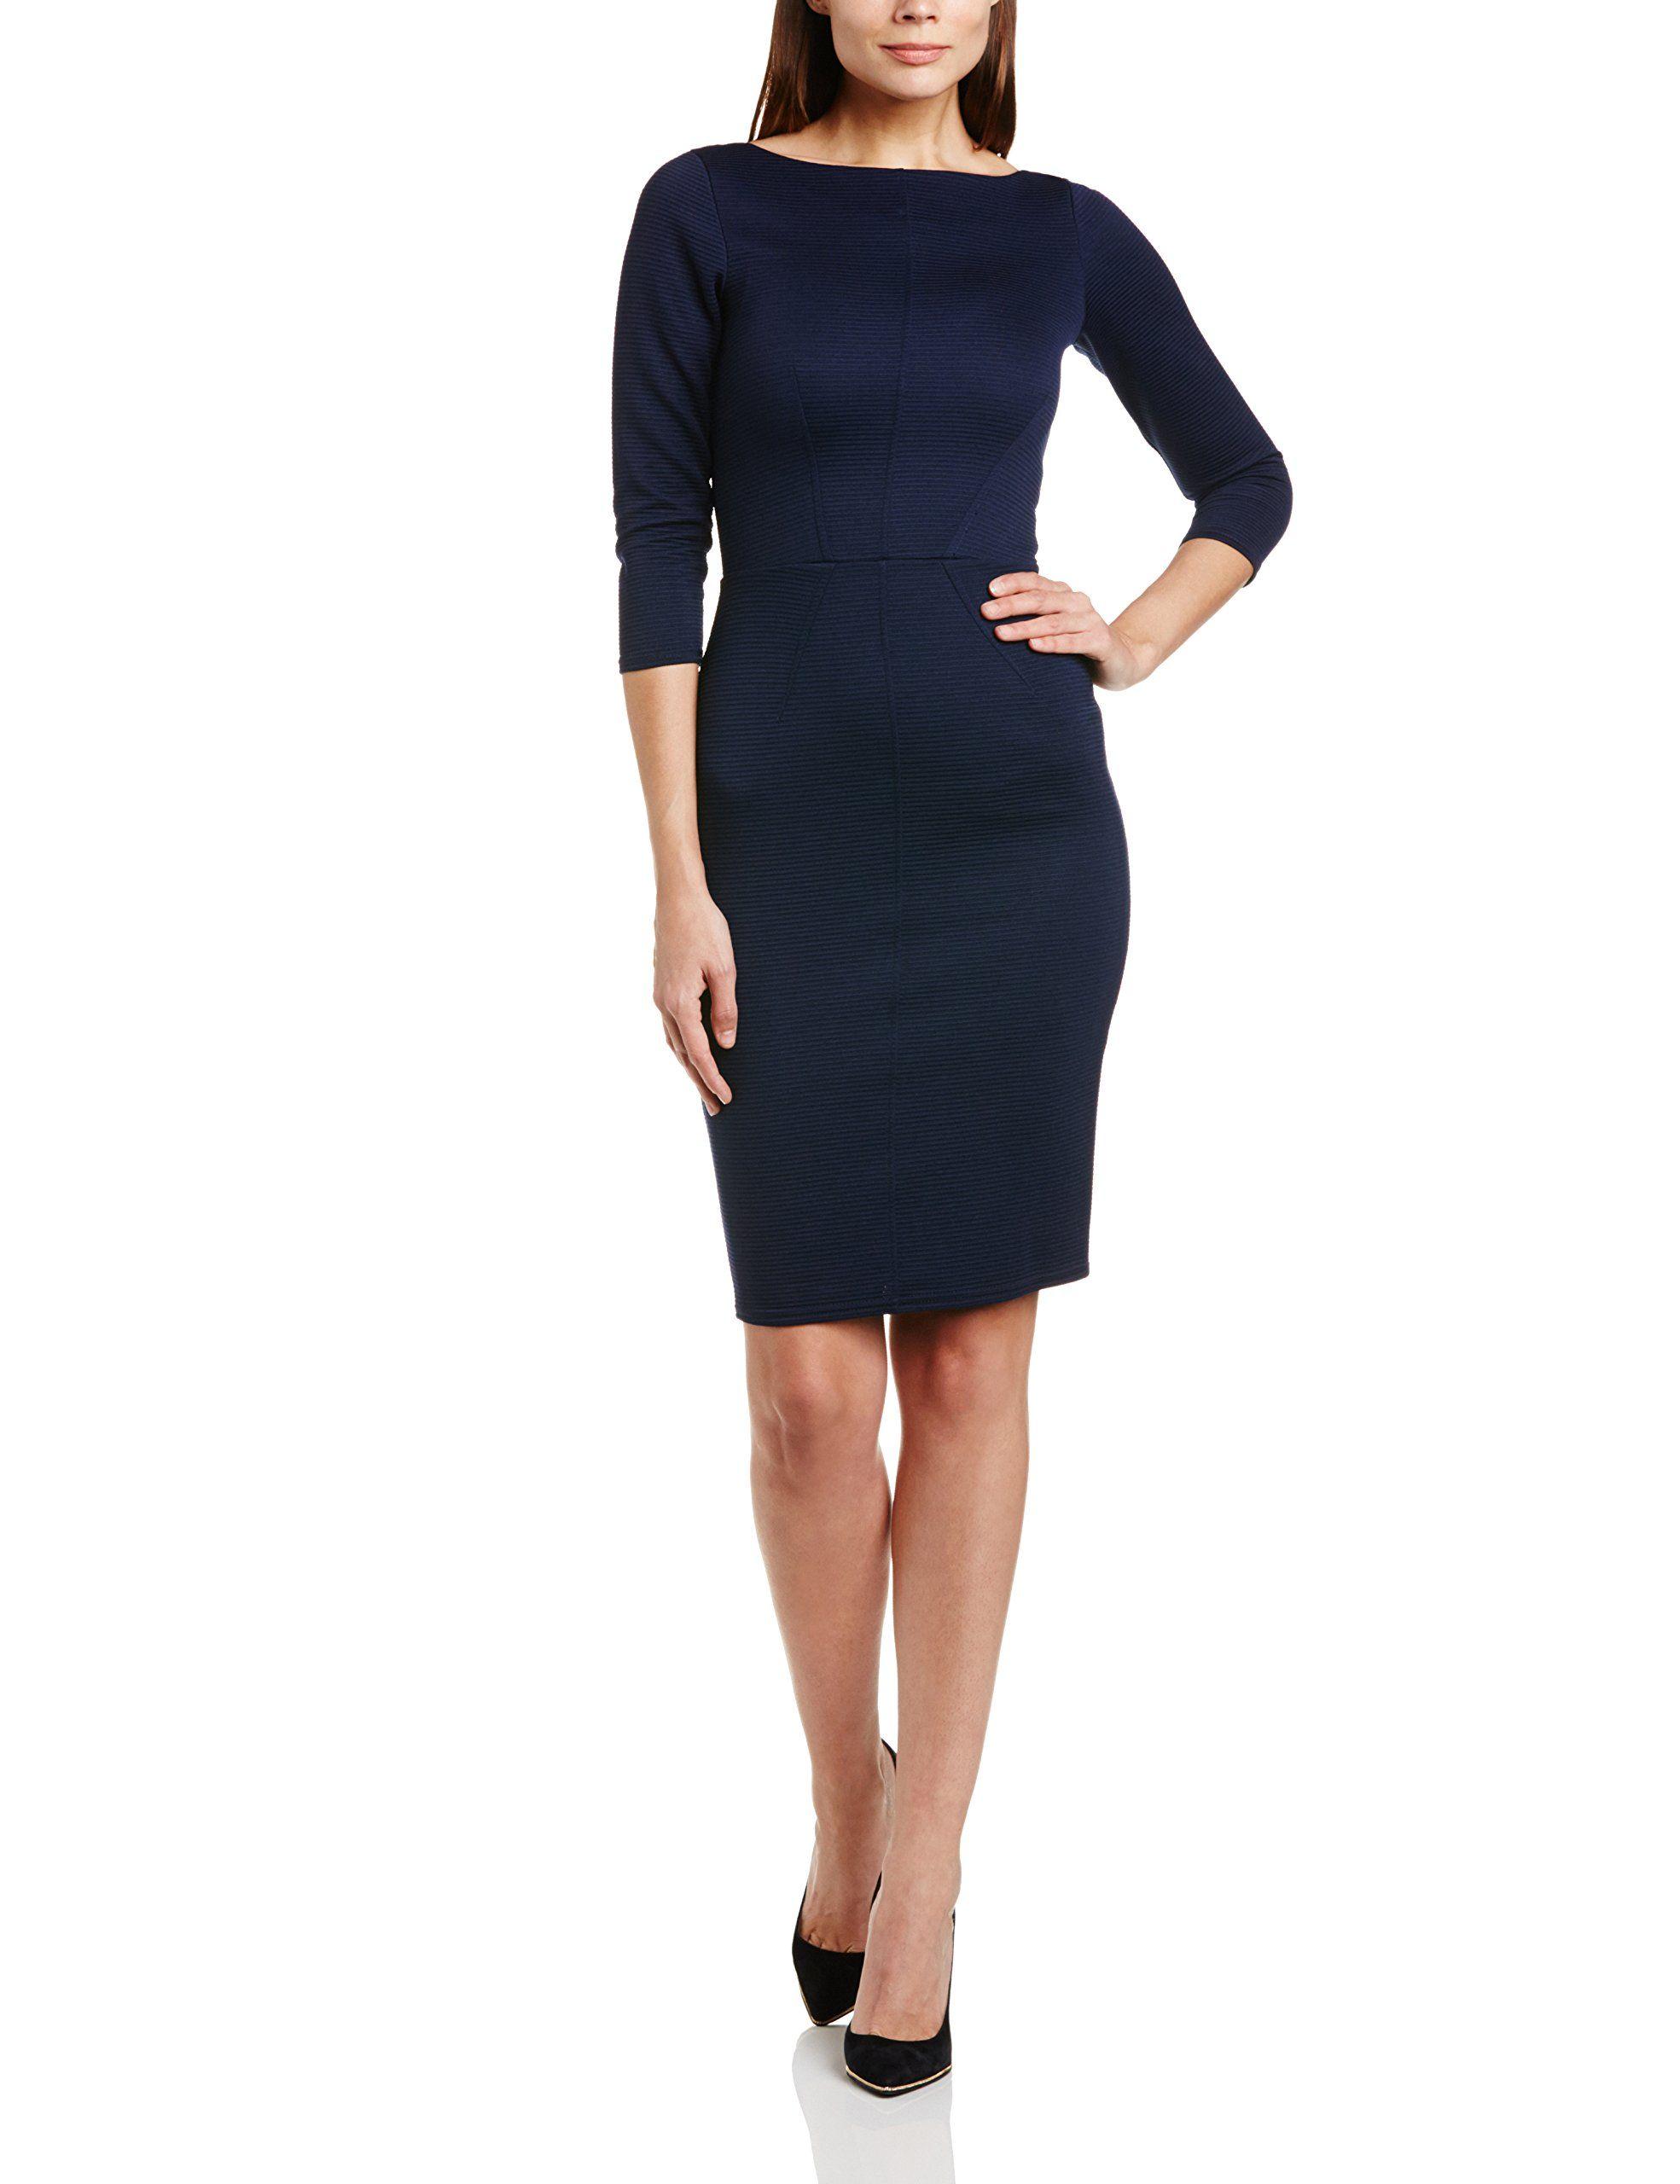 Vestidos para mujeres talla 34